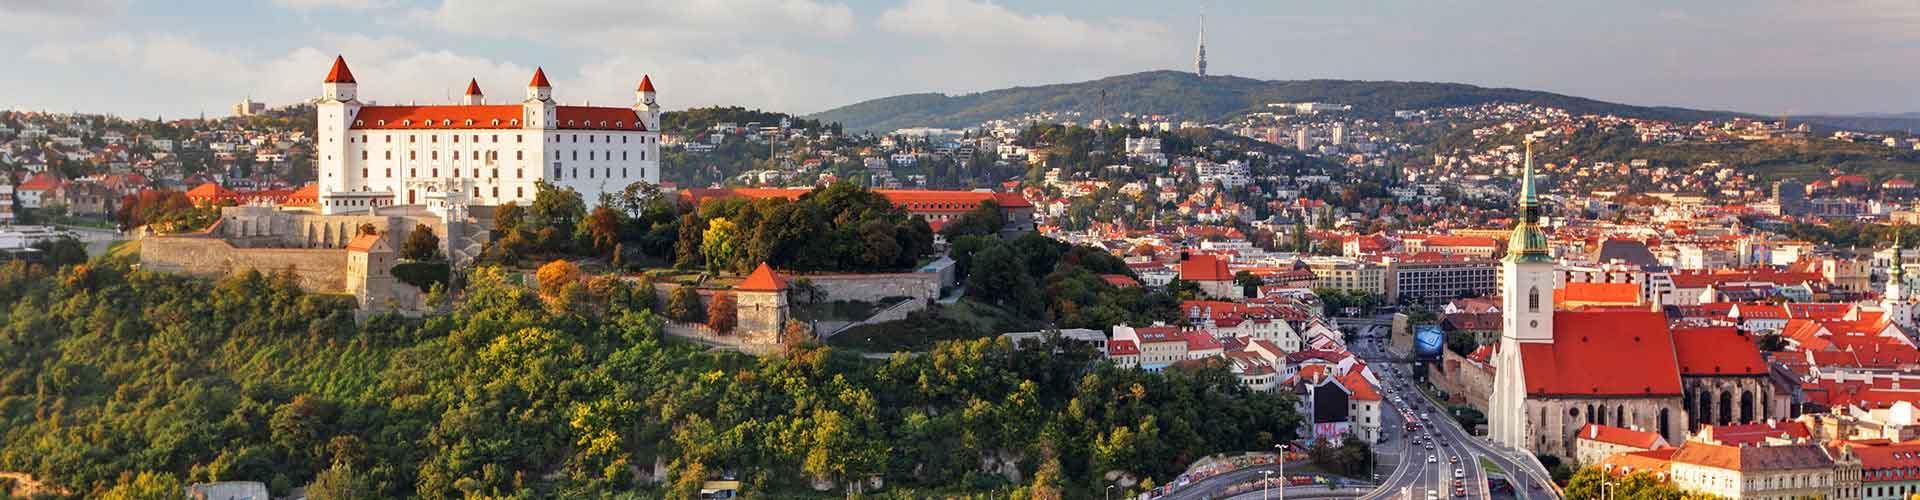 Bratislava - Albergues Juveniles en Bratislava. Mapas de Bratislava, Fotos y Comentarios para cada Albergue Juvenil en Bratislava.